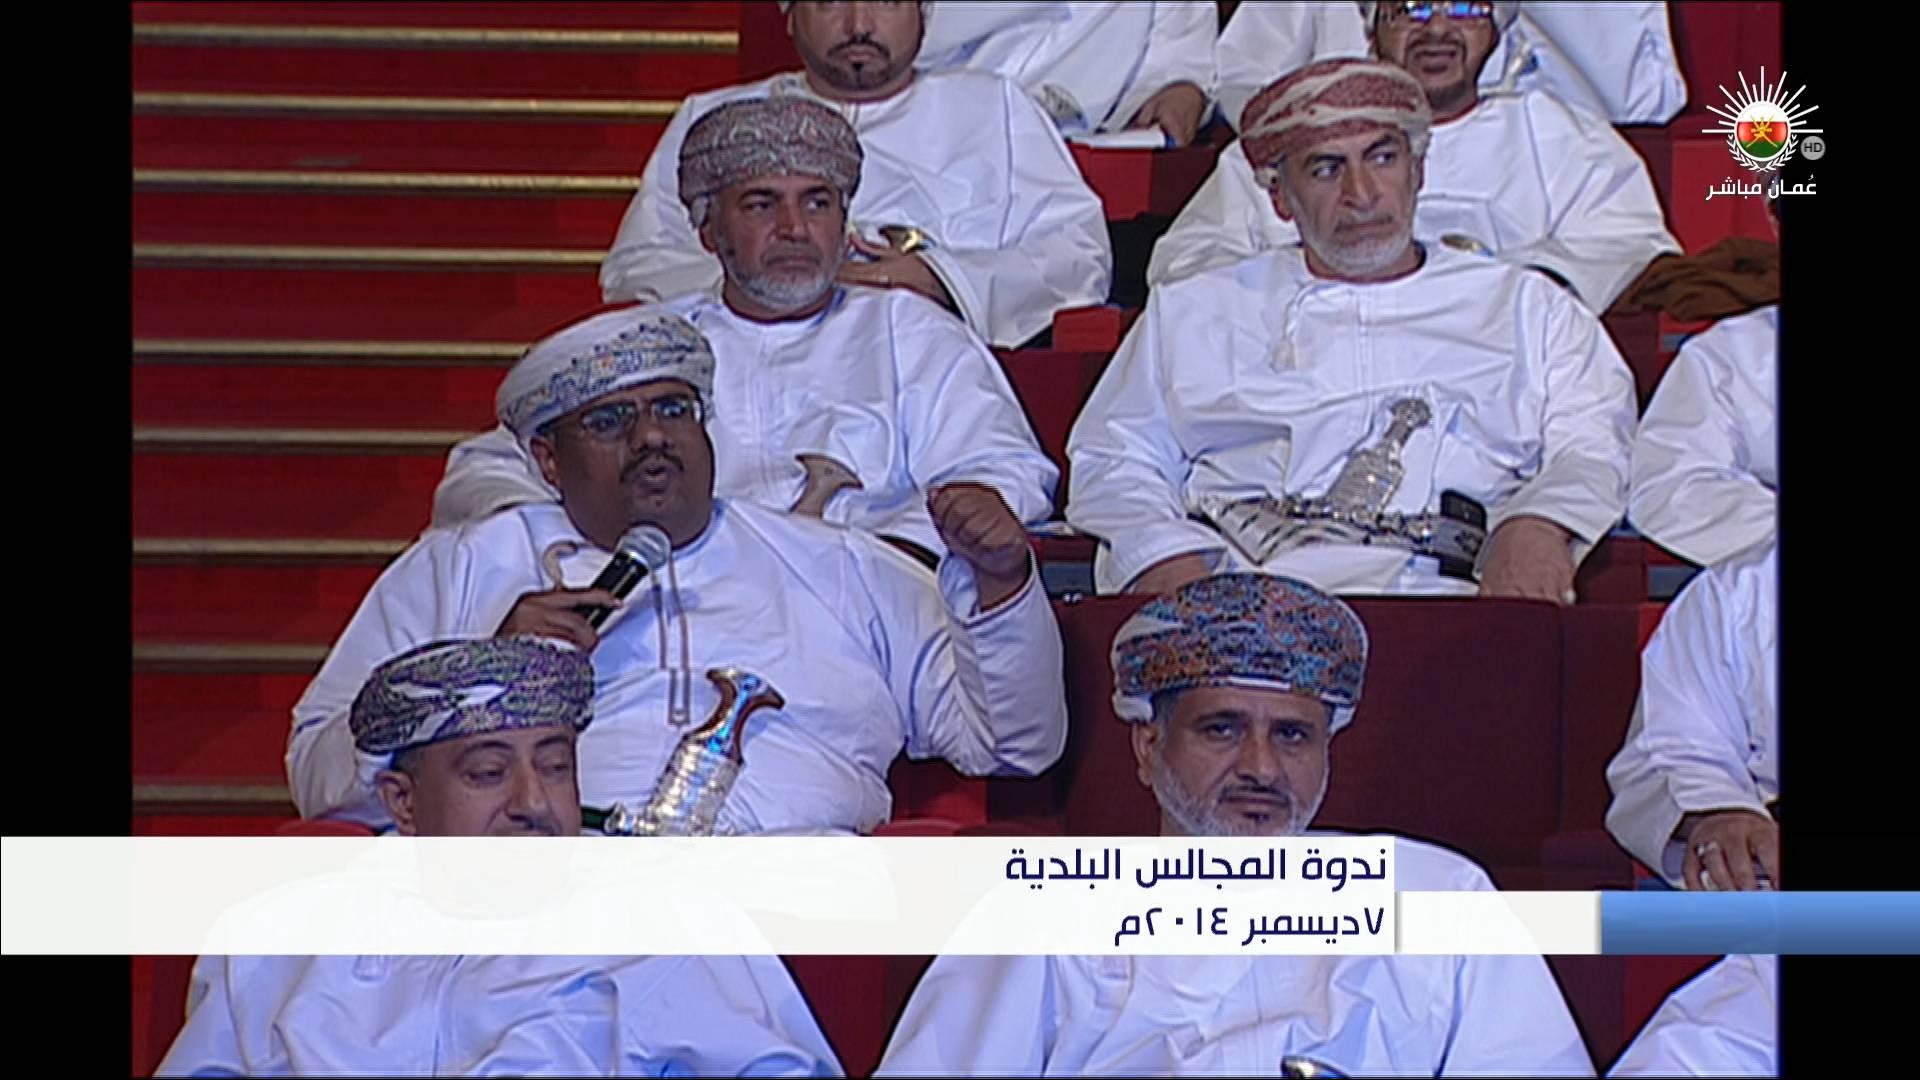 احدث تردد قناة عمان تي في لايف اتش دي OMAN TV LIVE HD قنوات دولة عمان